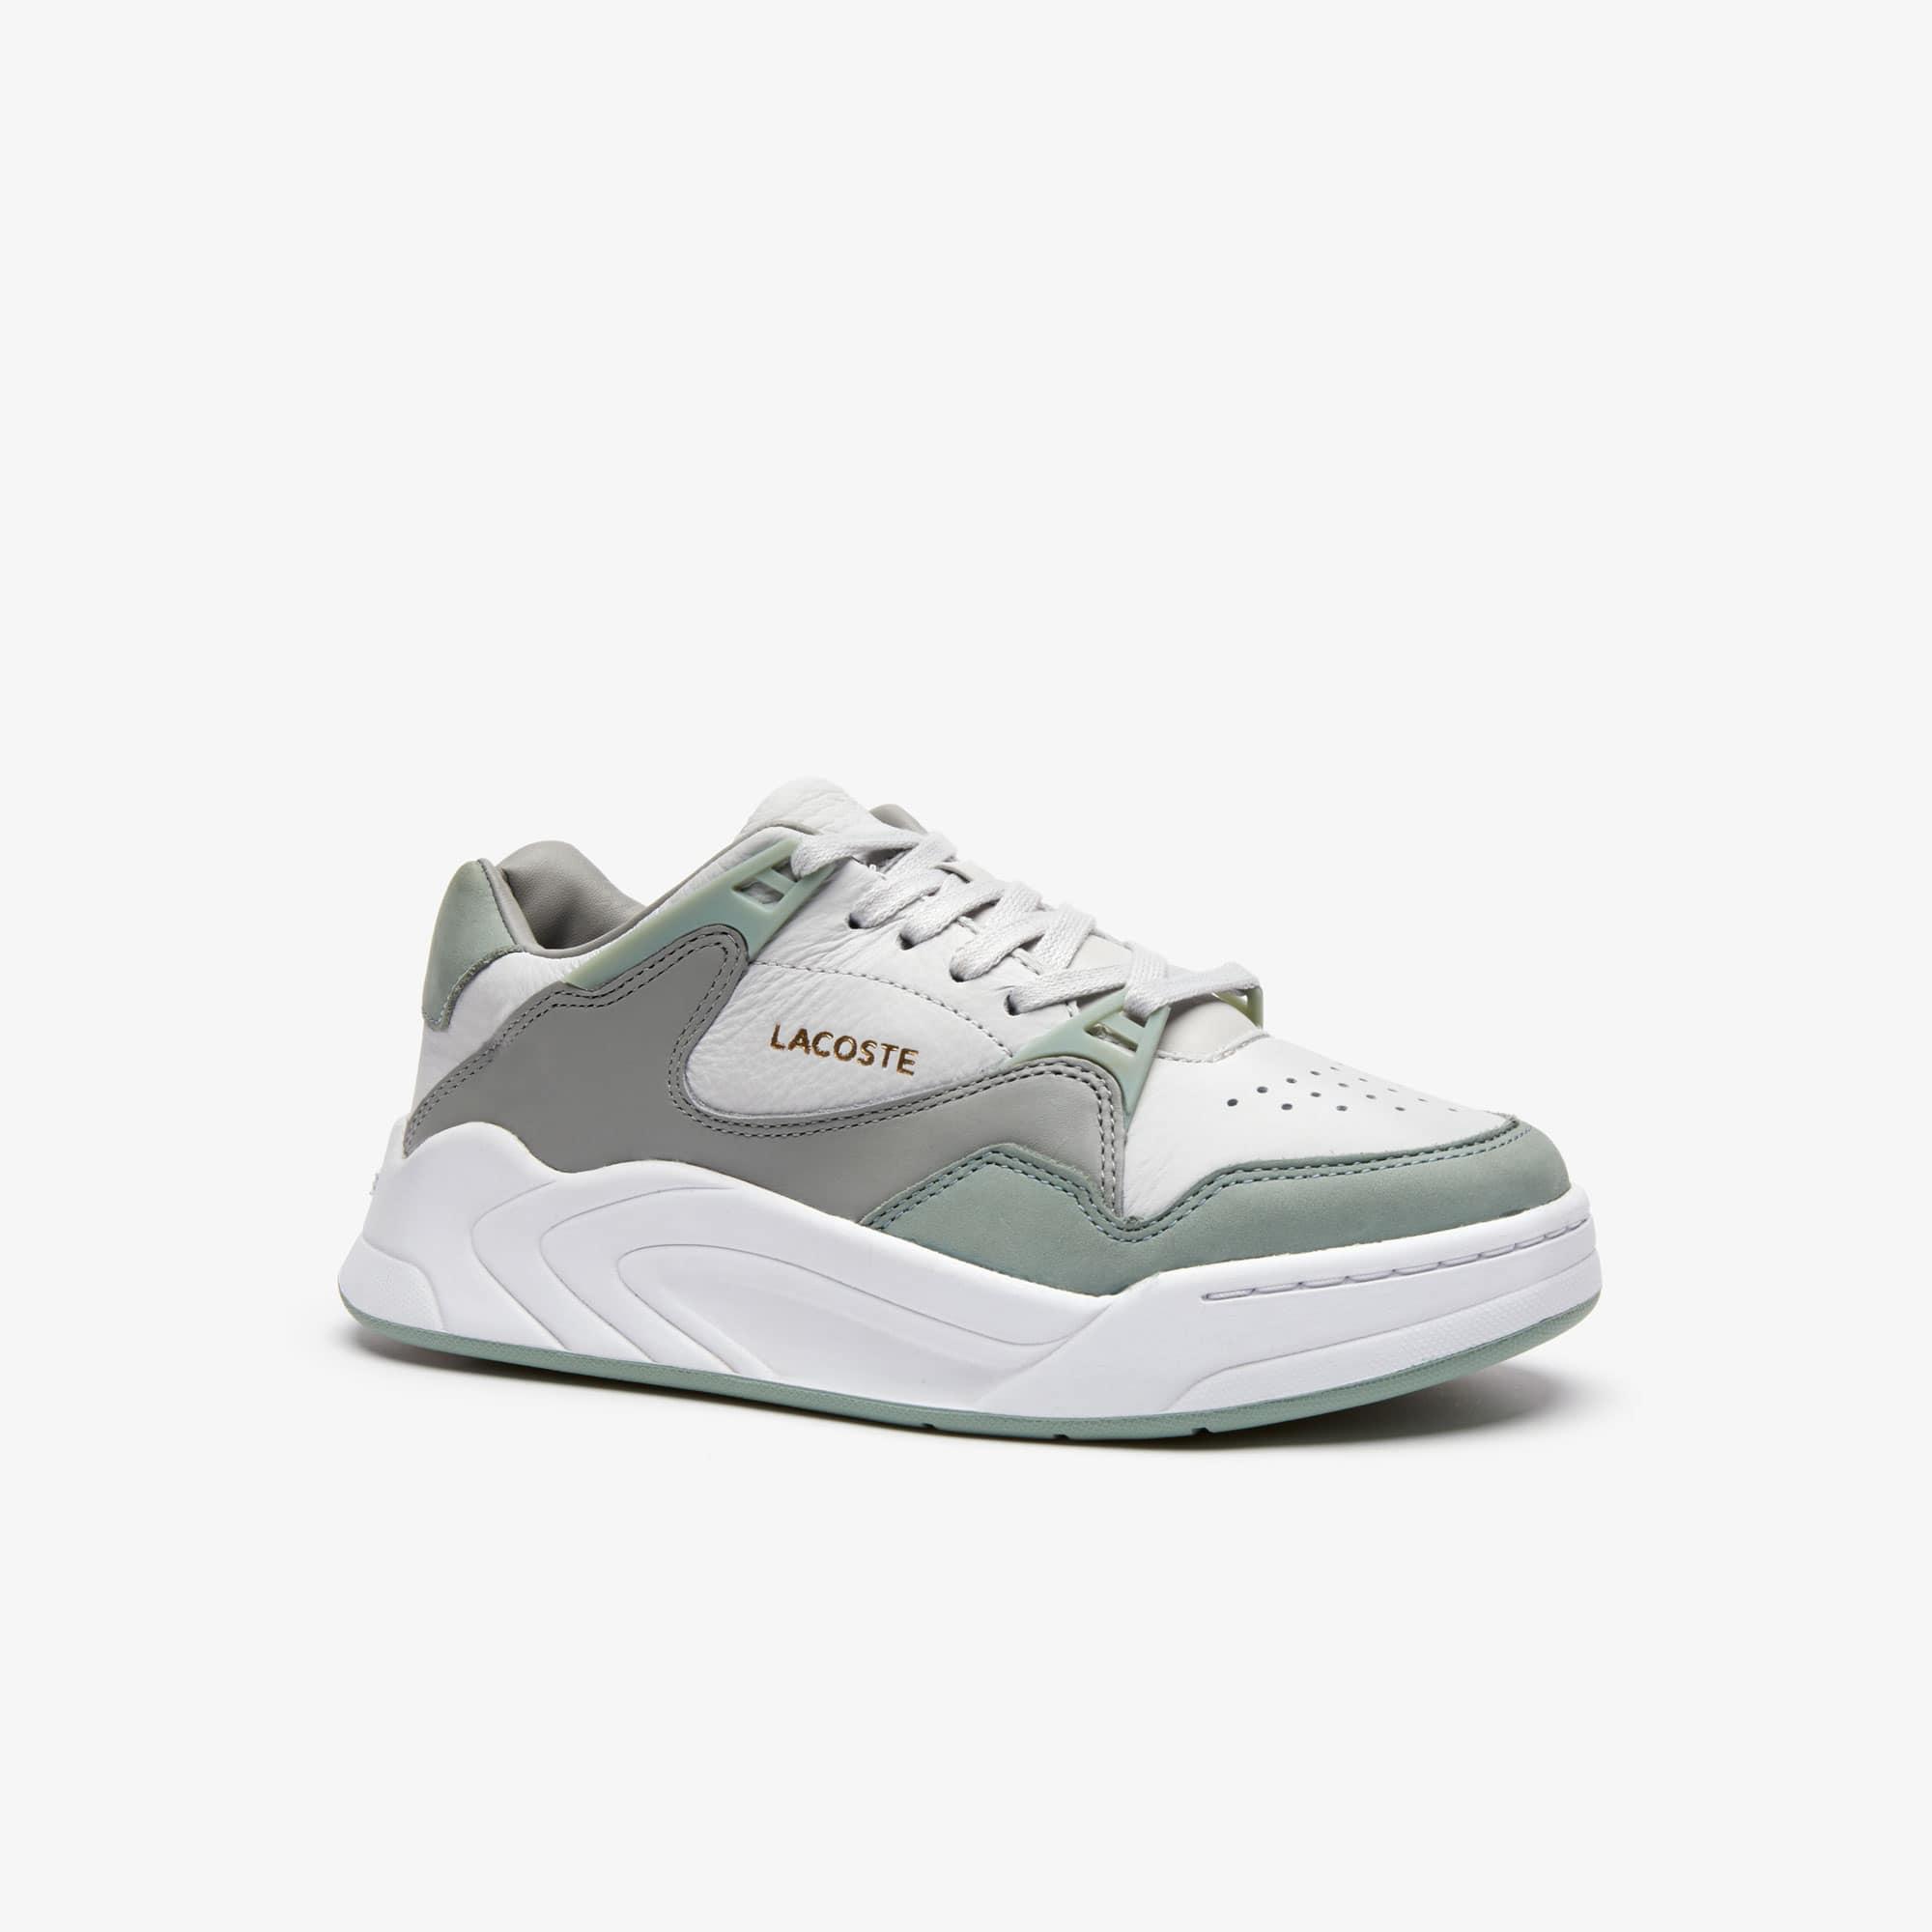 1e5e81ba983 Scarpe Lacoste da donna: sneaker, stivali, da città| LACOSTE